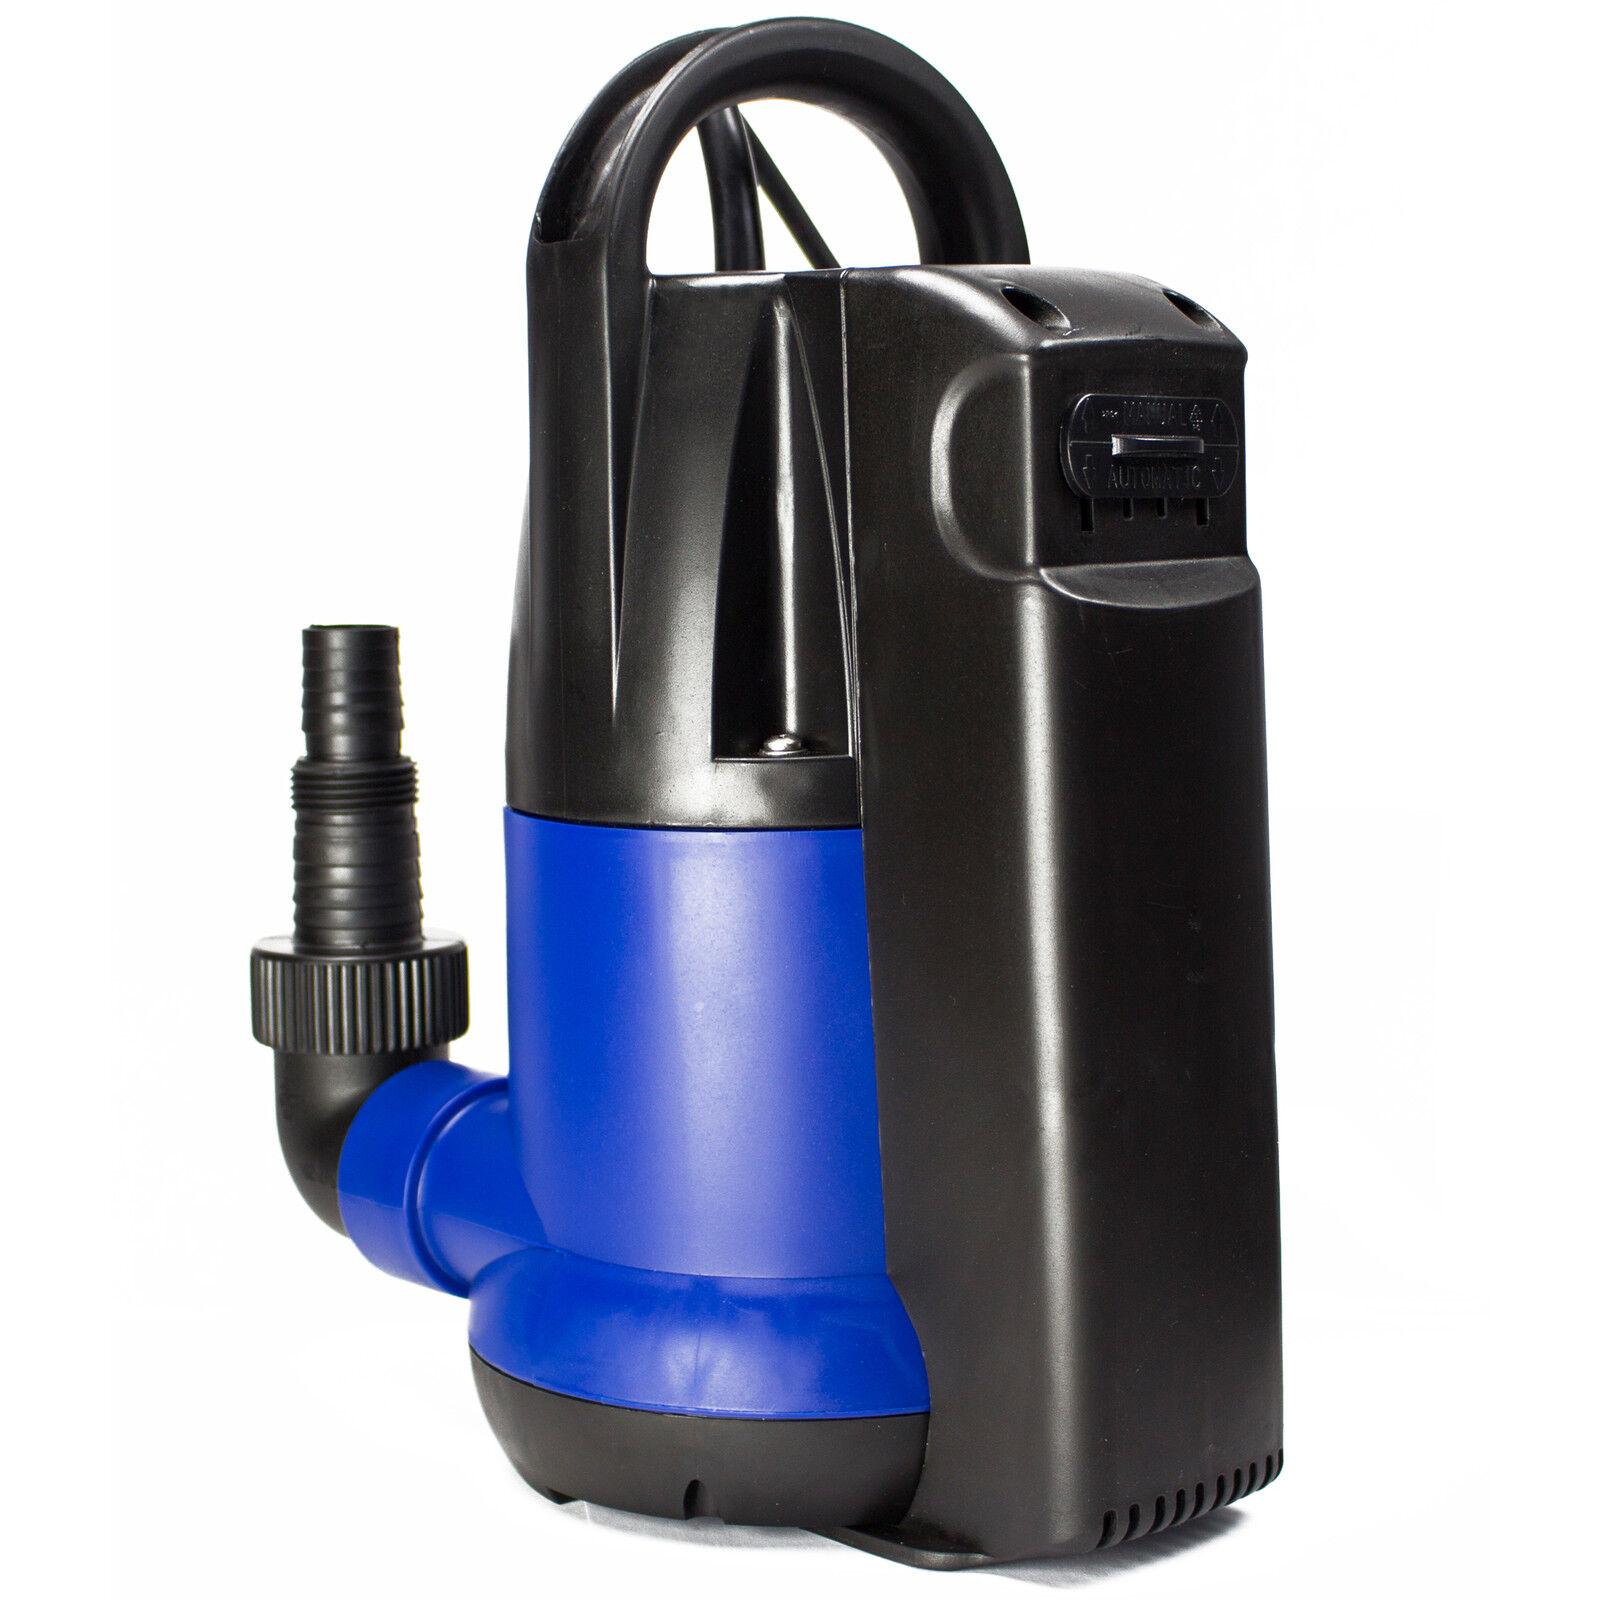 AWM POMPA SOMMERSA am-250-tk da giardino pompa pompa acqua 250w piatto saugend acqua limpida